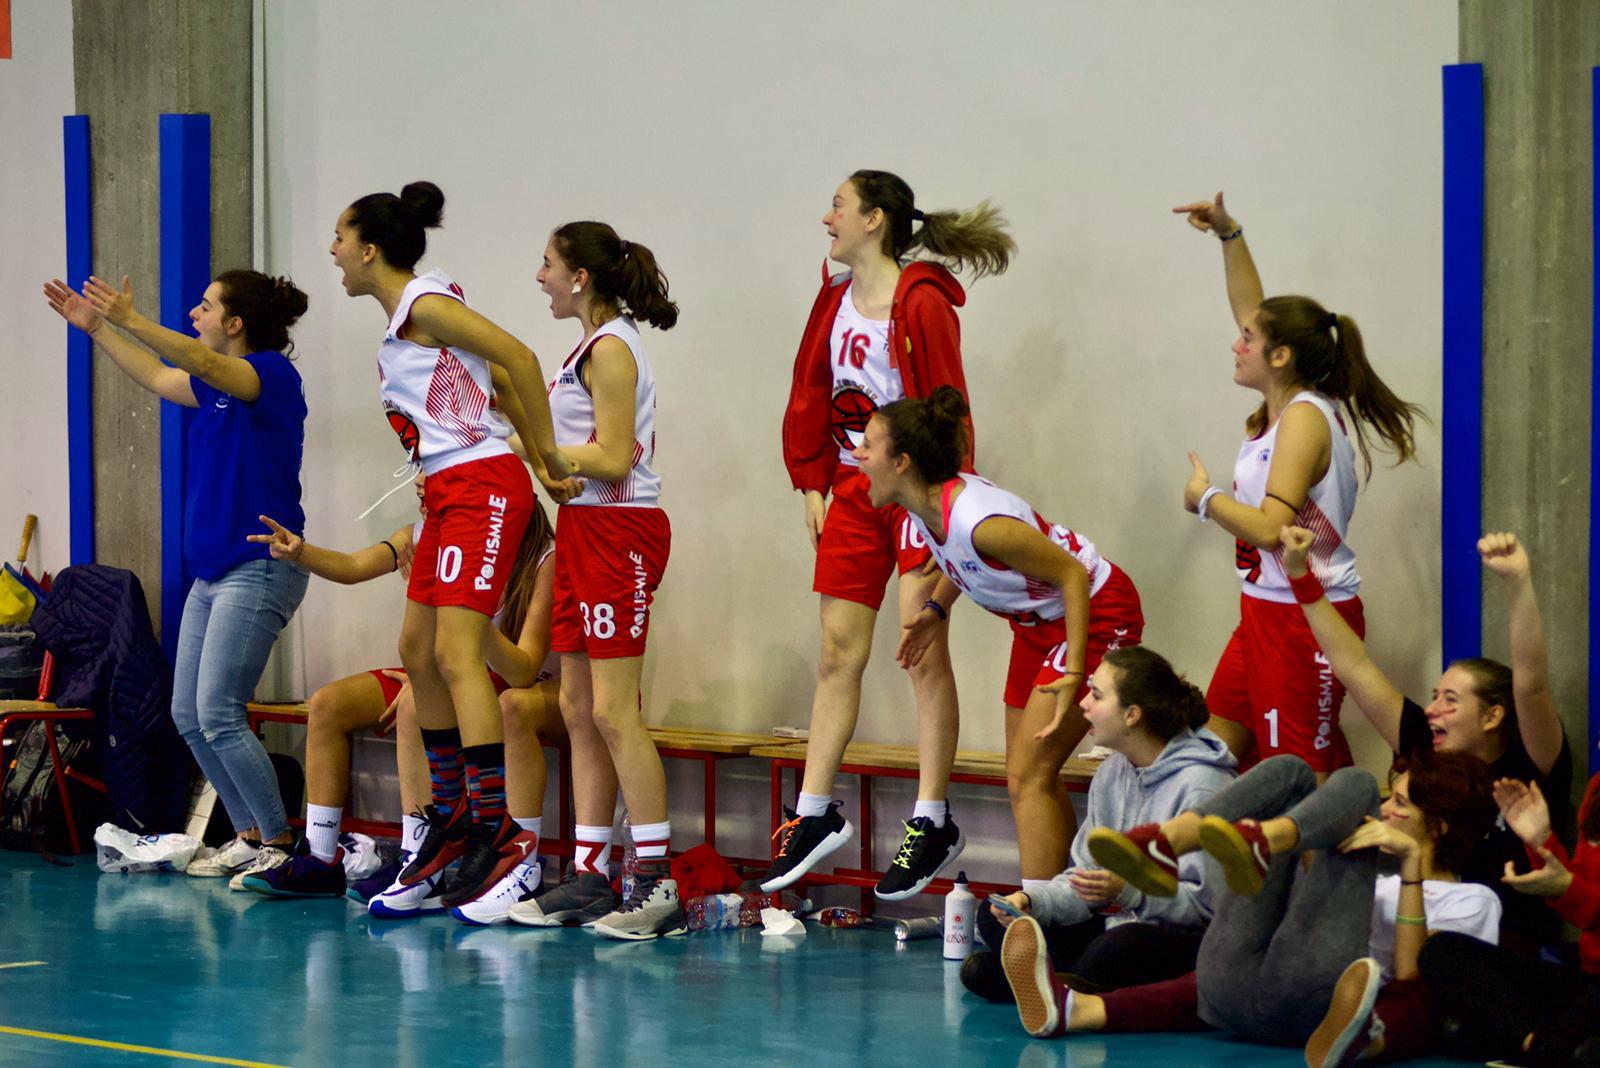 L'Under 16 soffre a Moncalieri ma strappa la sesta vittoria